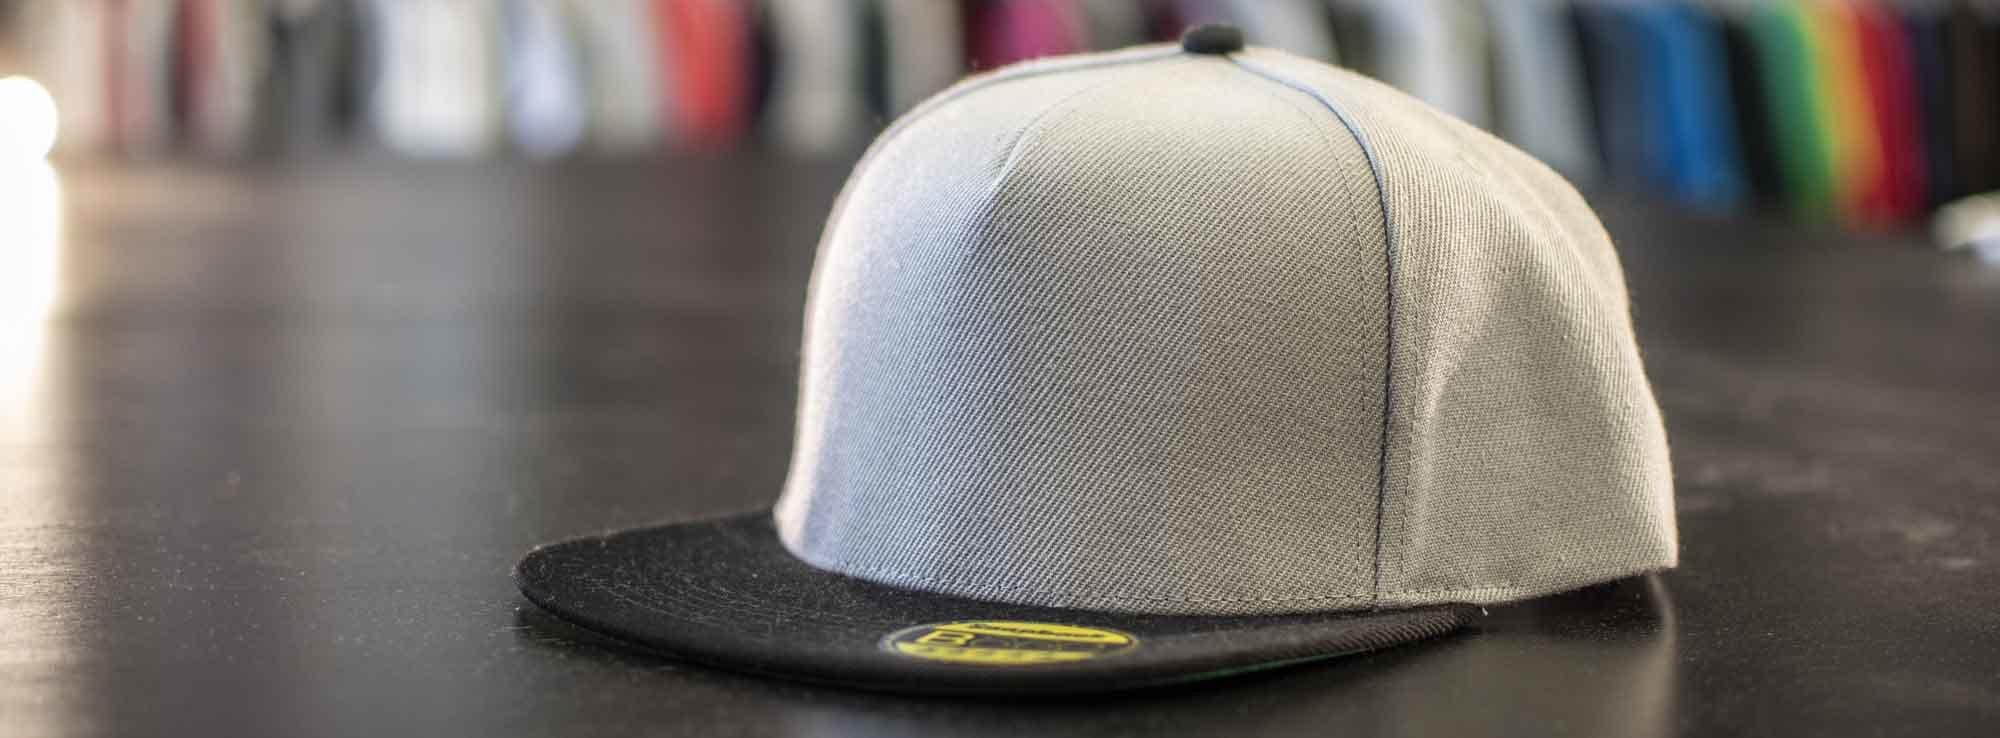 Une casquette strapback